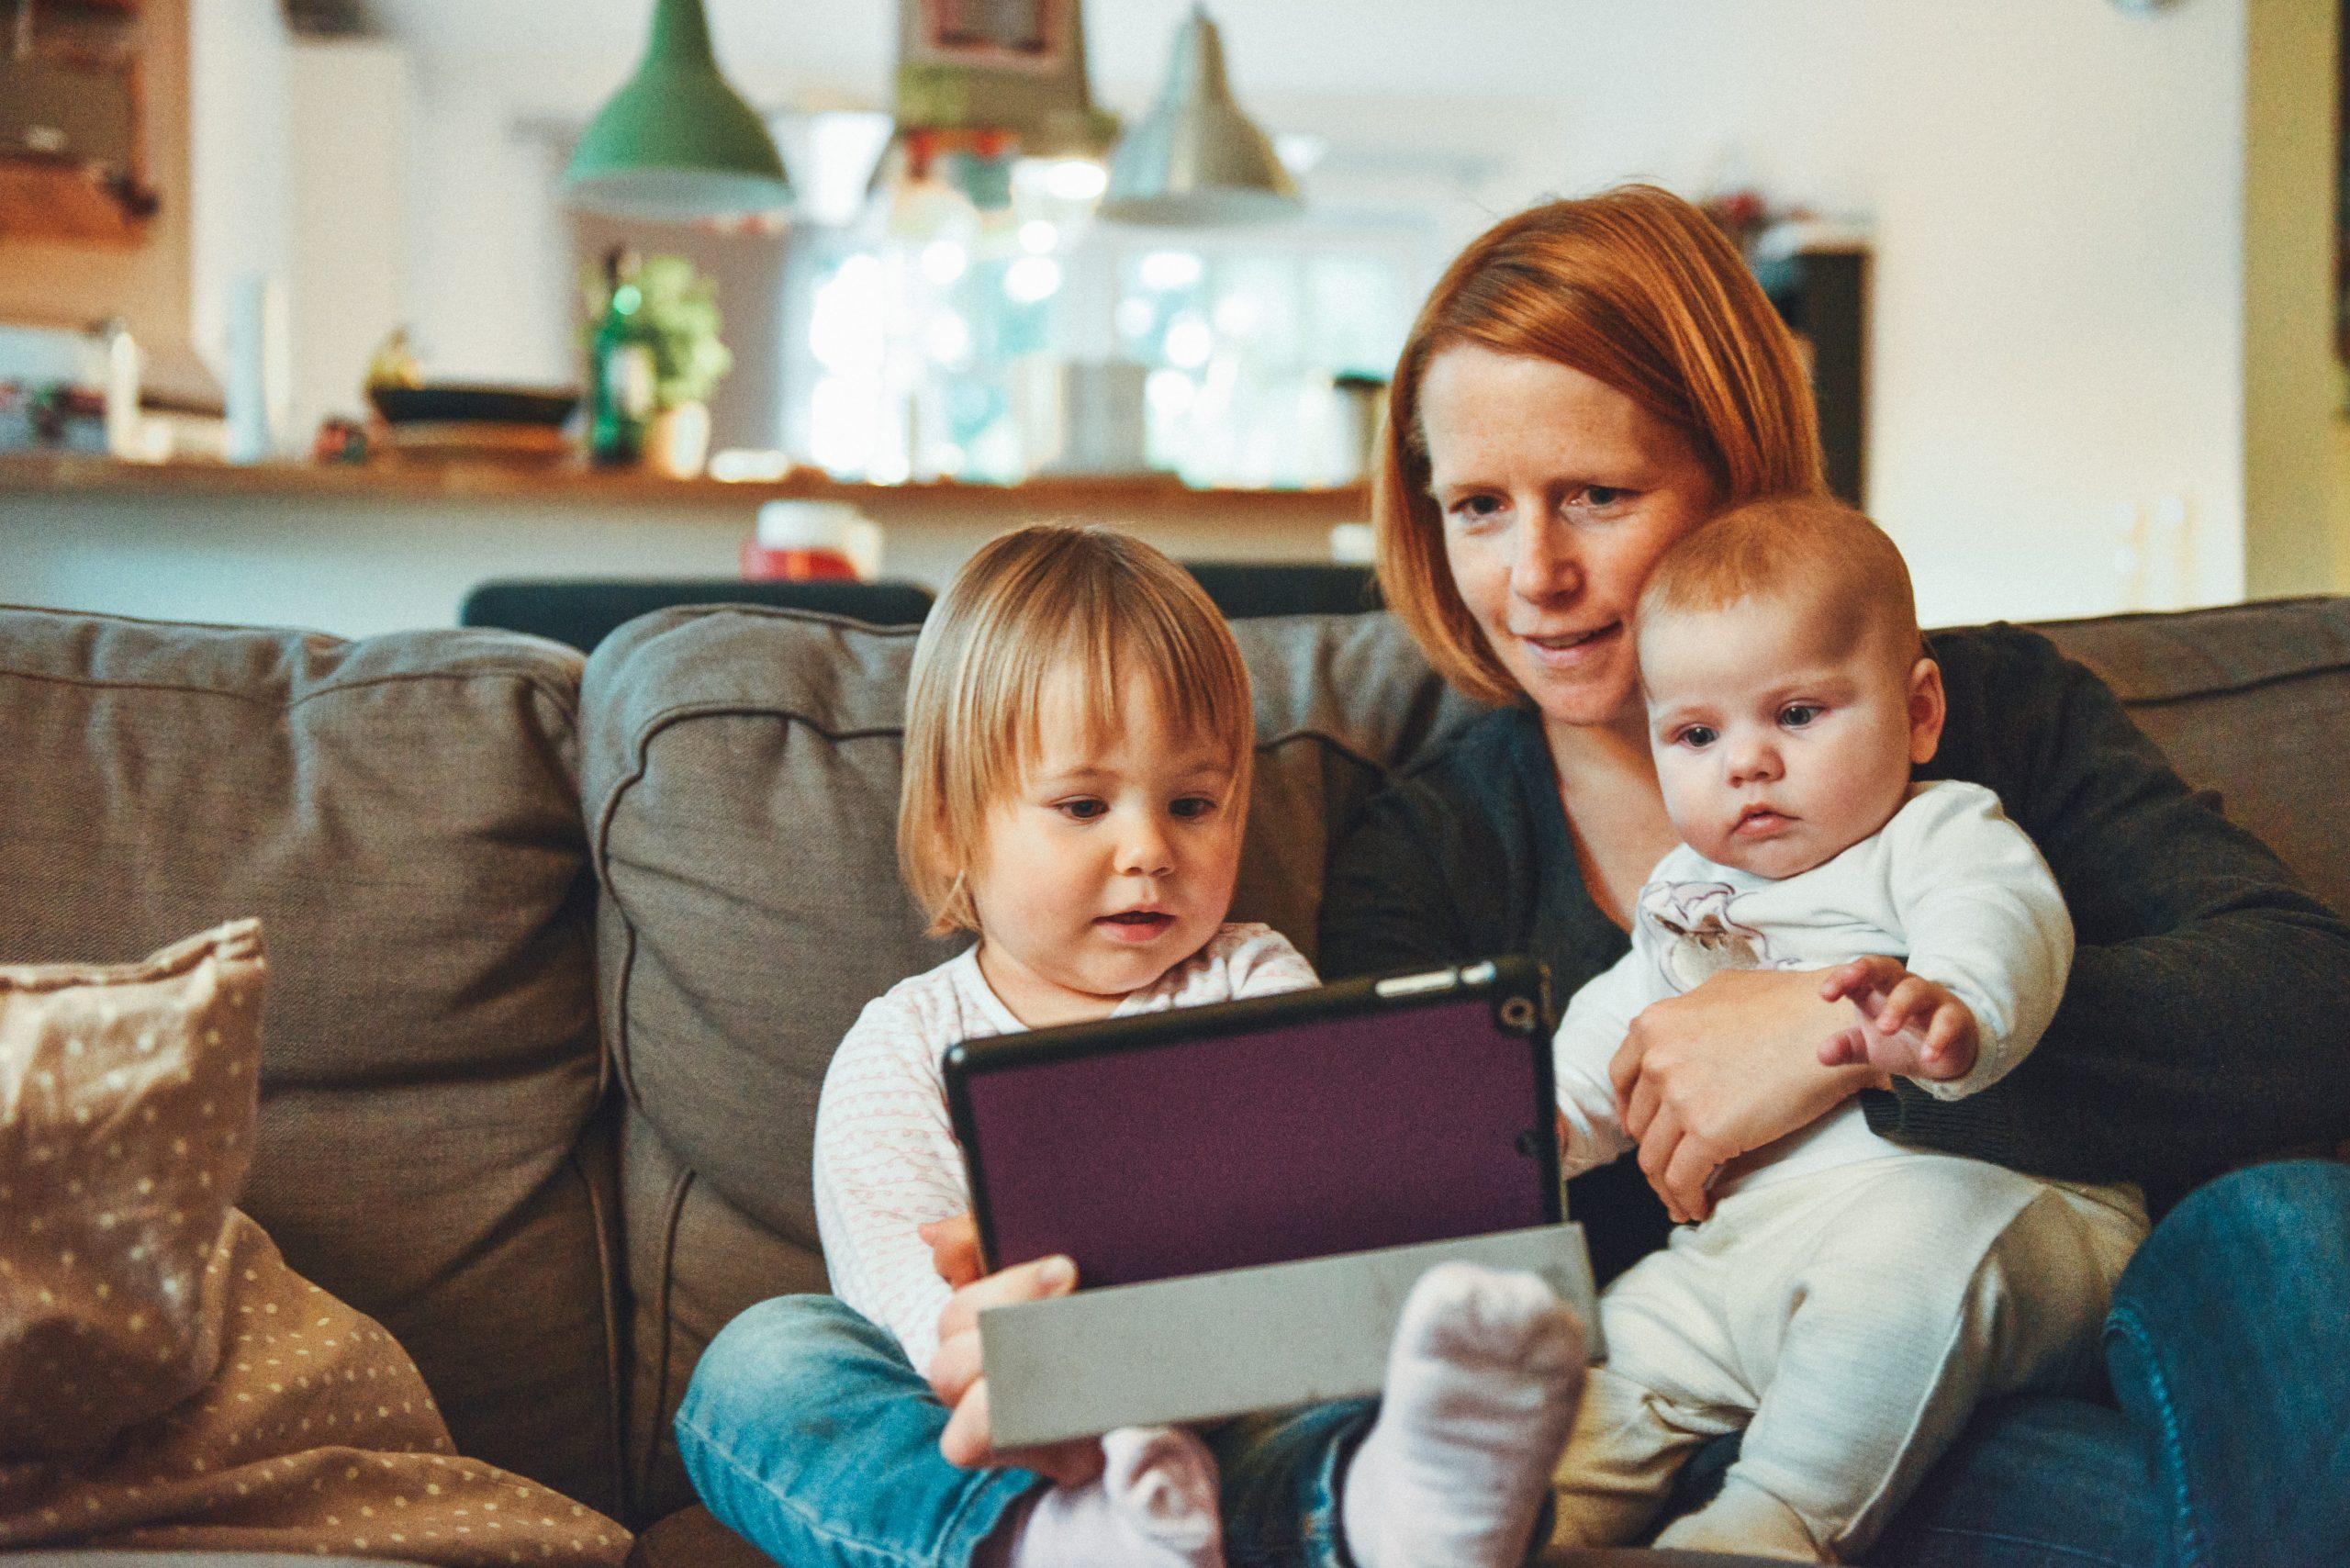 Madre con bebes en brazos jugando con tablet